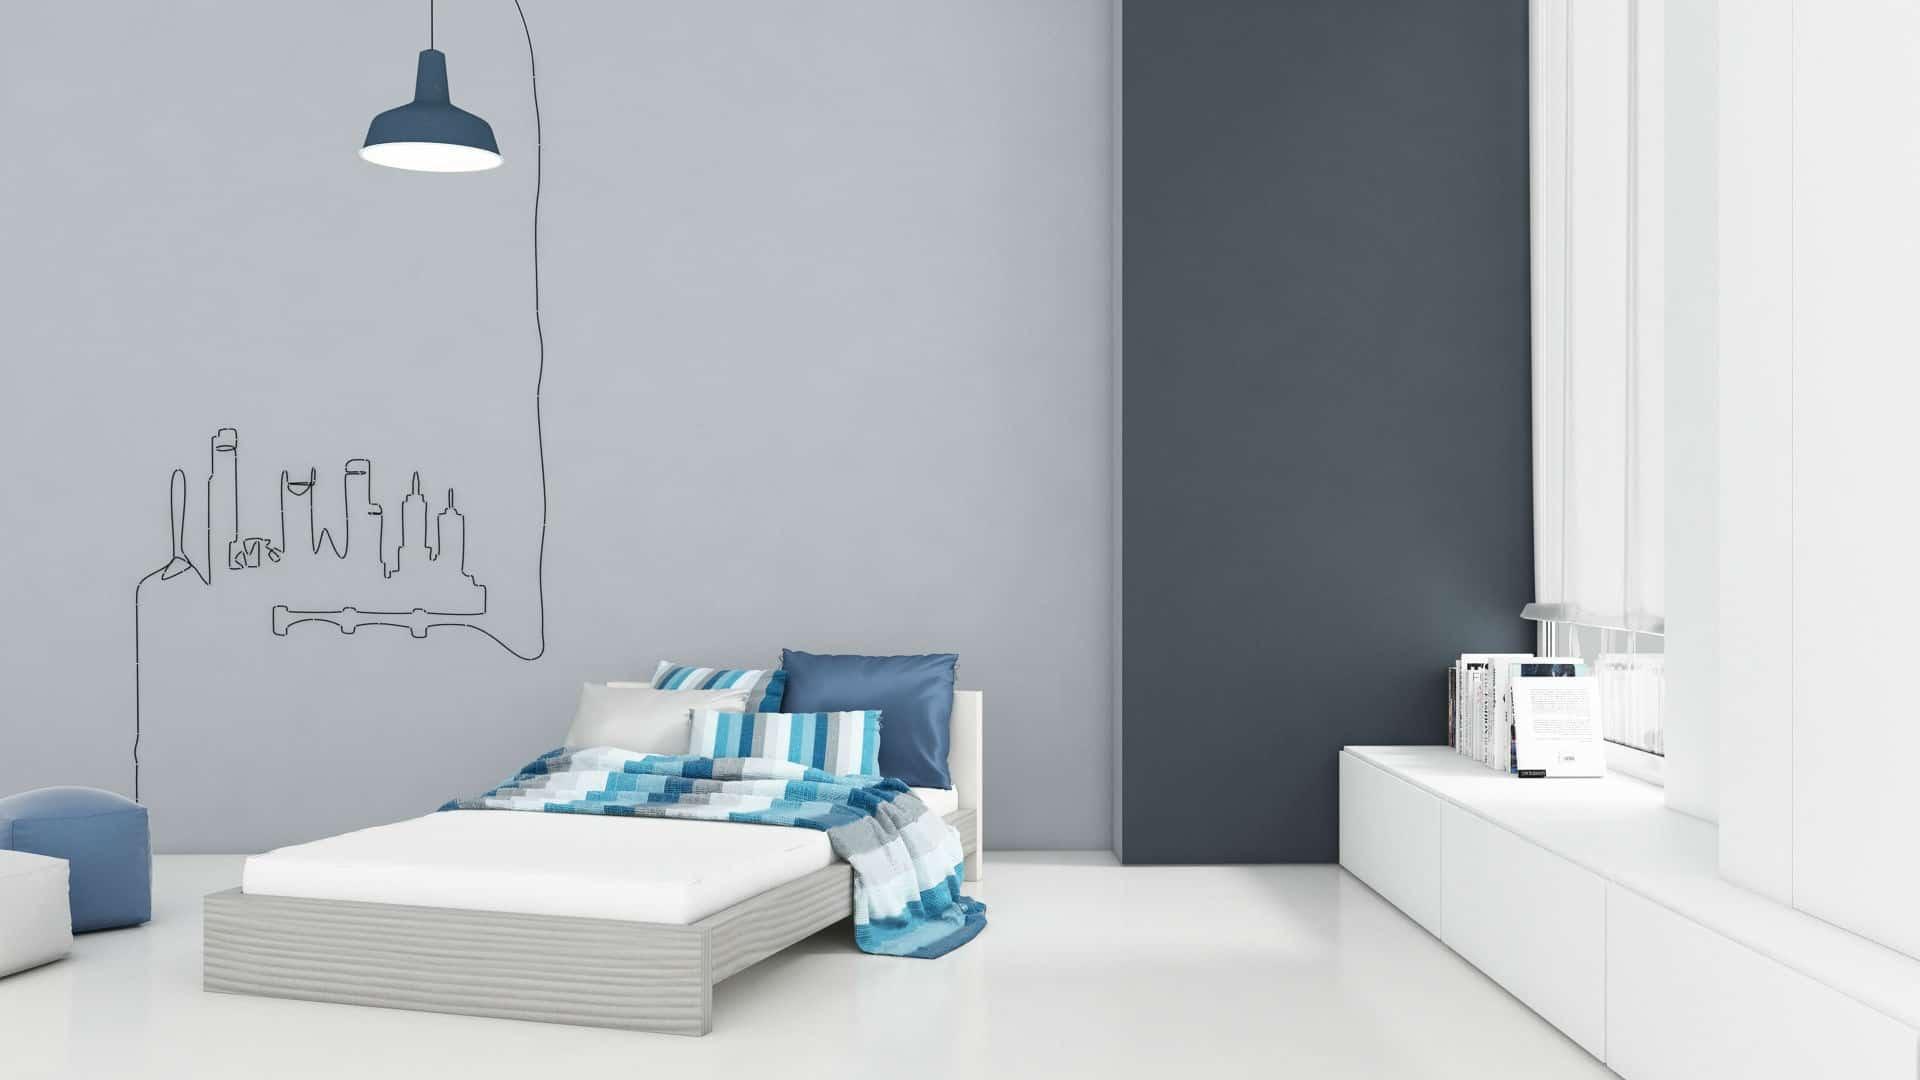 חדרי ילדים מיטת נוער דגם ברוש מהסדרה הצבעונית